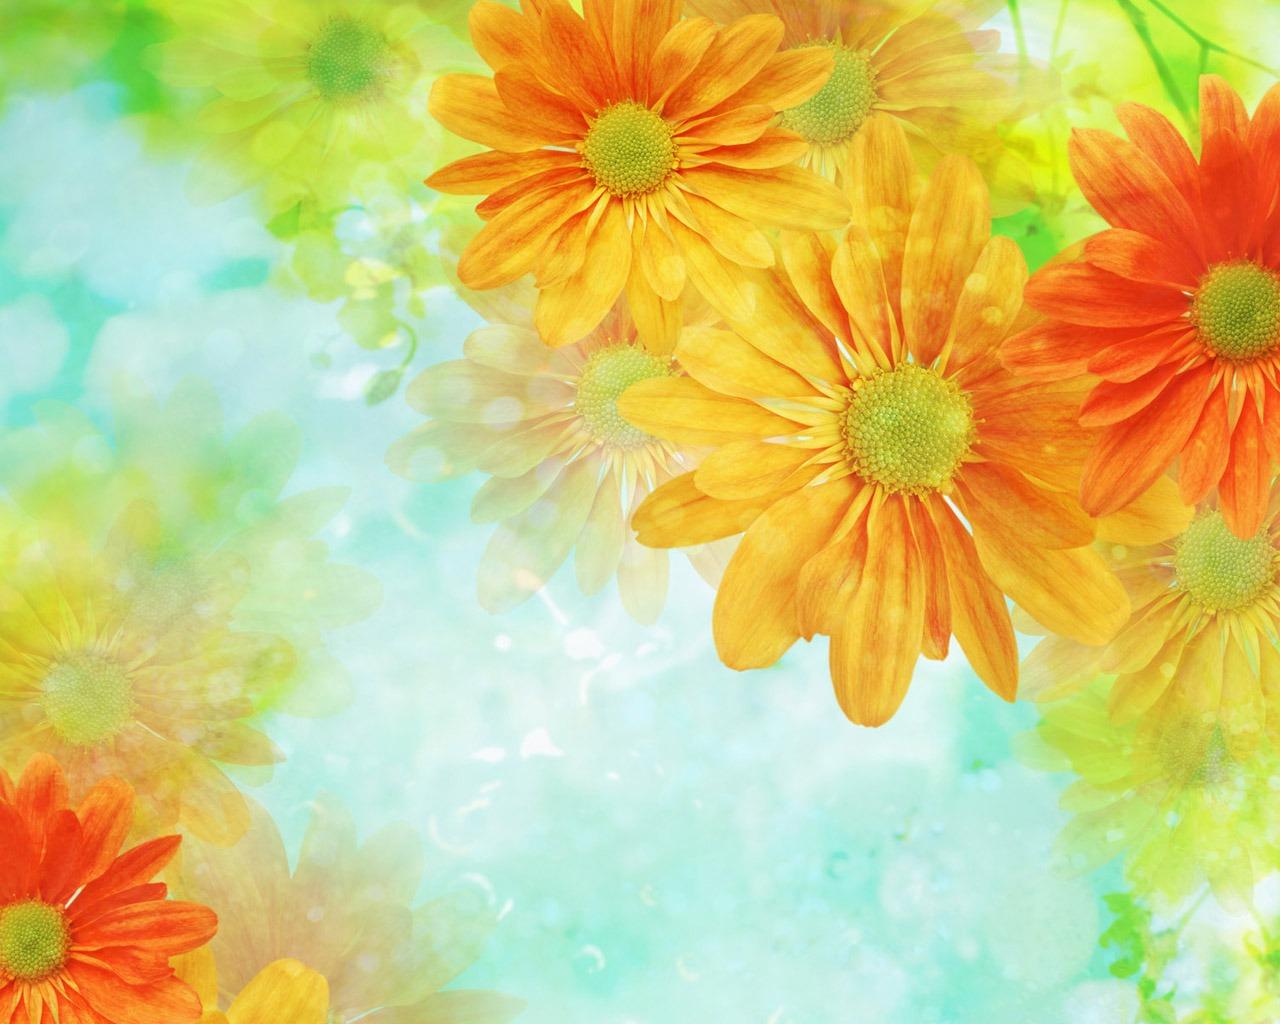 ファンタジーCGを背景の花の壁紙 #2 - 1280x1024 壁紙ダウンロード - ファンタジーCGを背景の花の